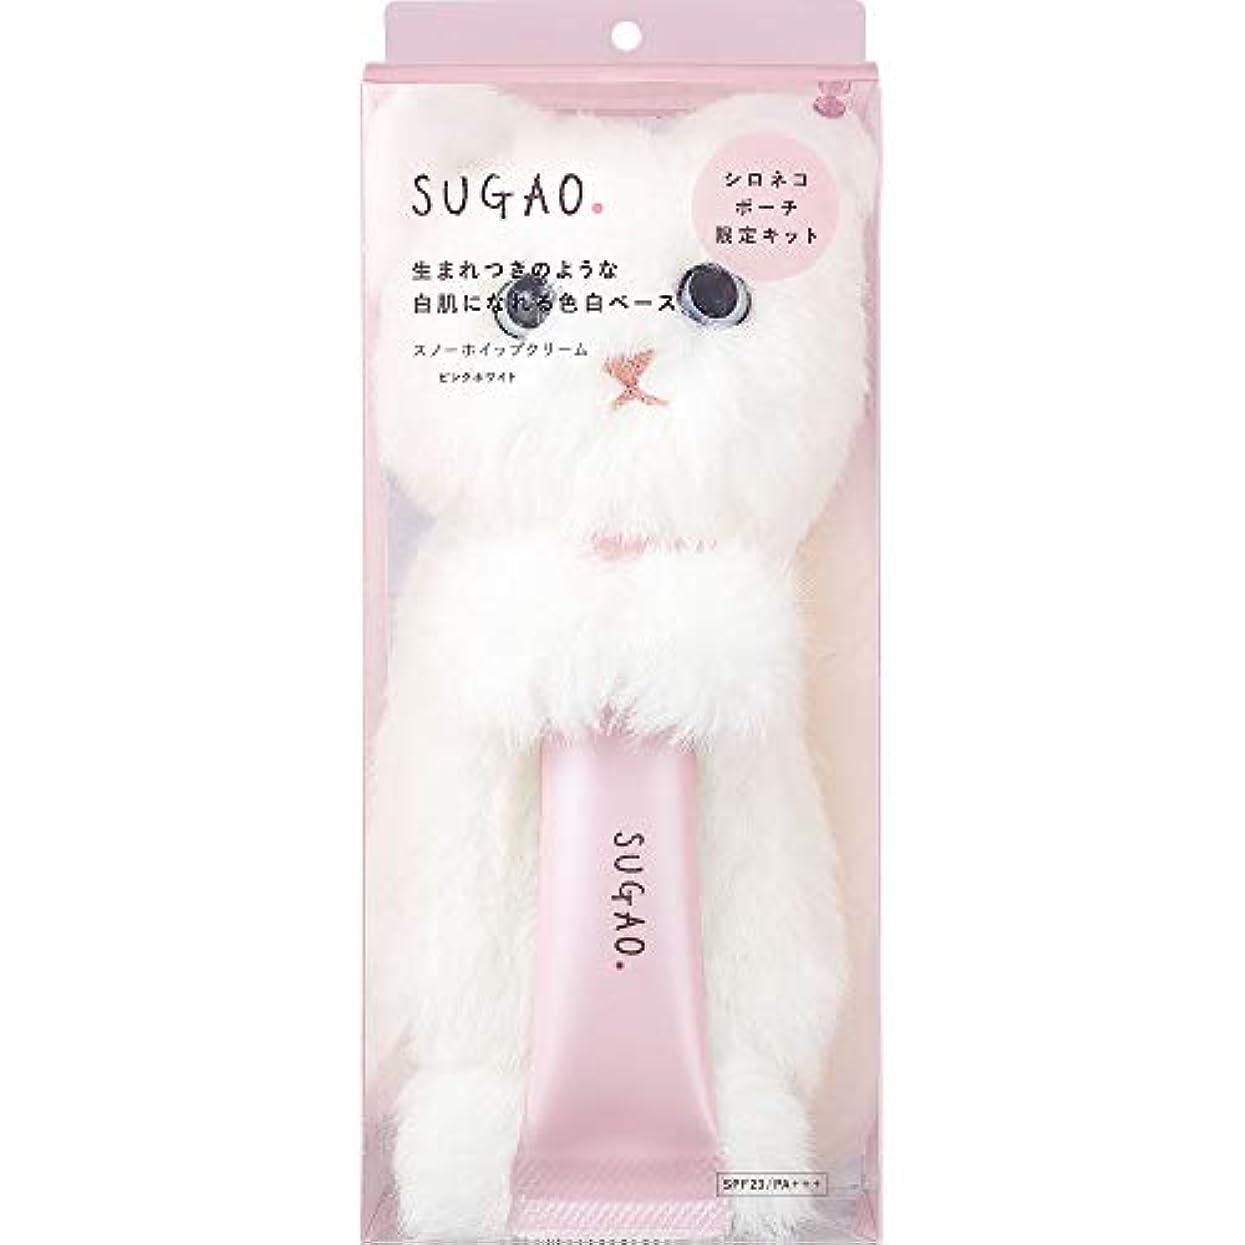 細胞分析的な意気消沈したスガオ (SUGAO) 化粧下地 スノーホイップクリーム シロネコポーチ付き